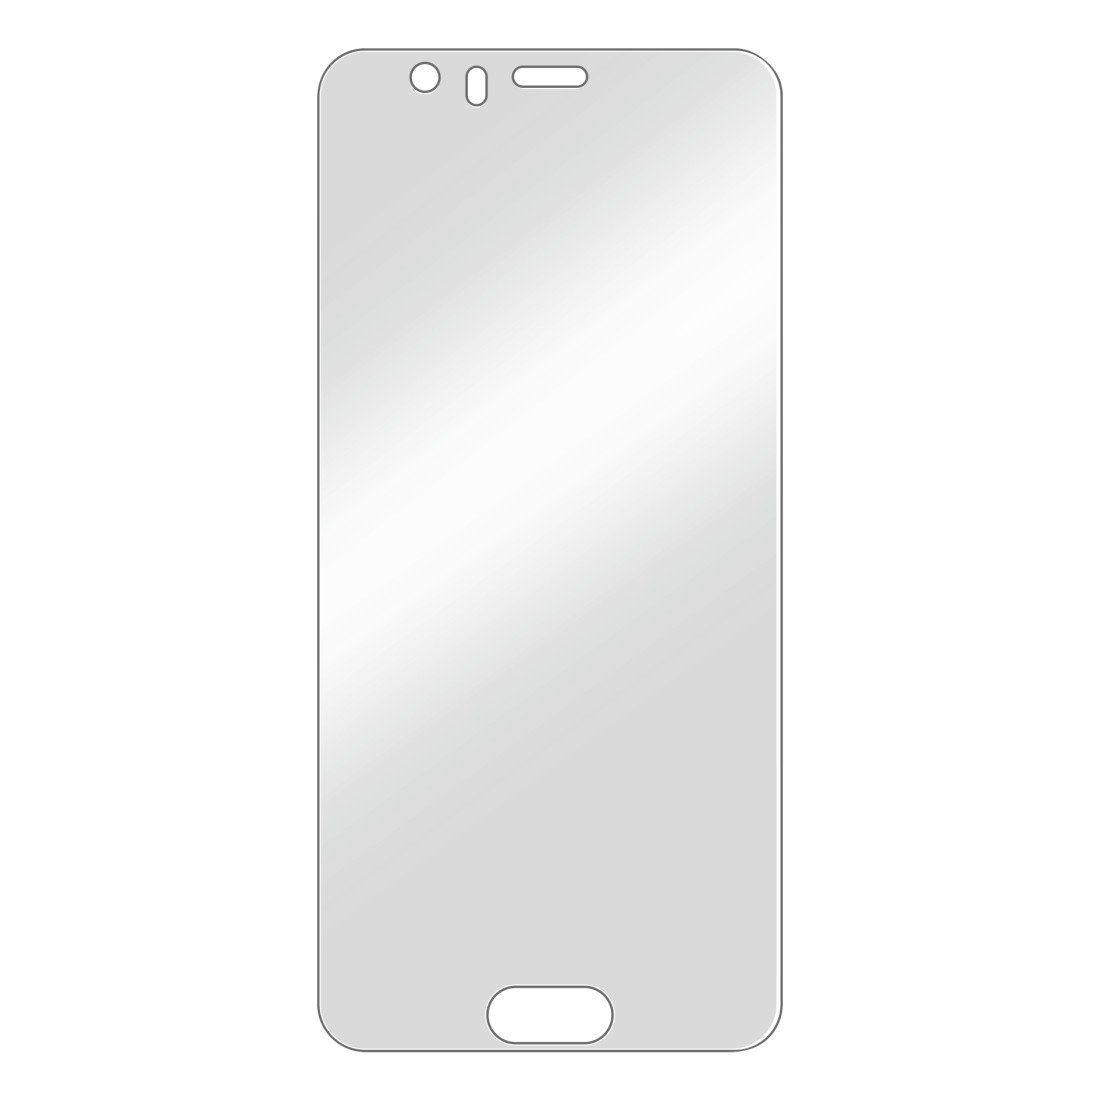 Hama Display-Schutzfolie Crystal Clear für Huawei P10 Plus, 2 Stück